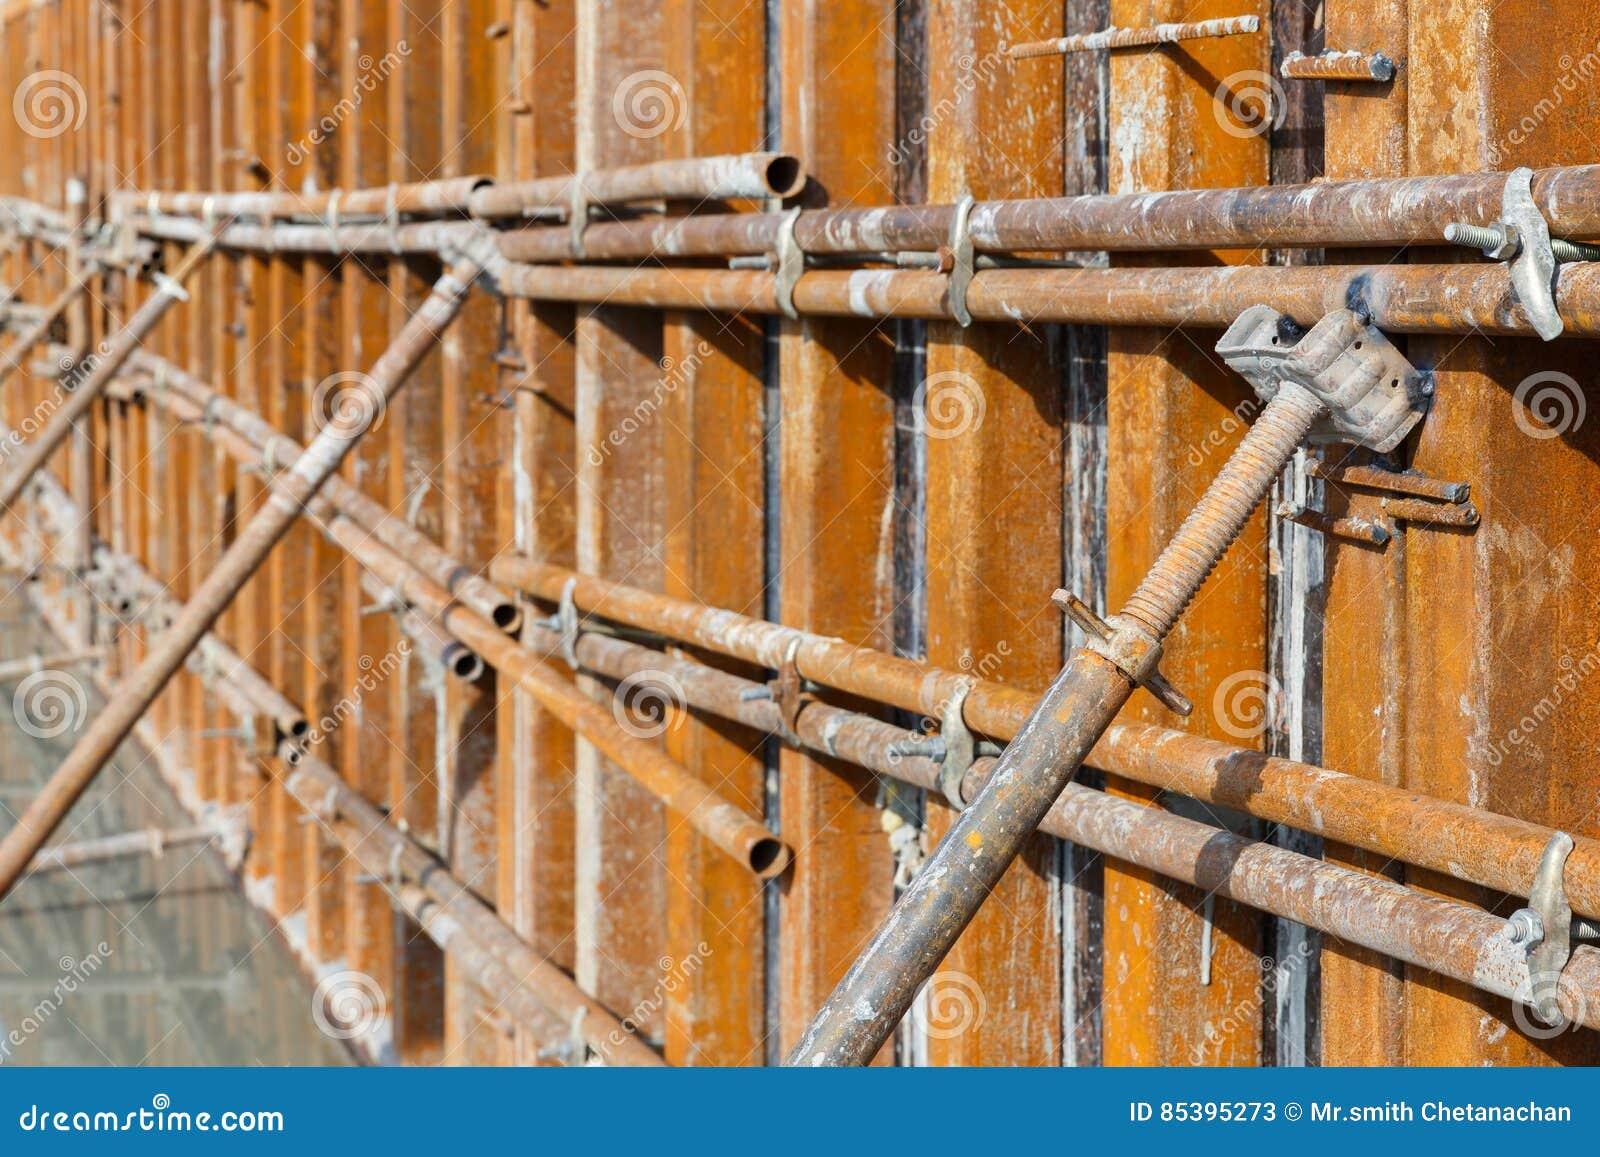 Marco Concreto De La Madera Contrachapada Del Encofrado Imagen de ...